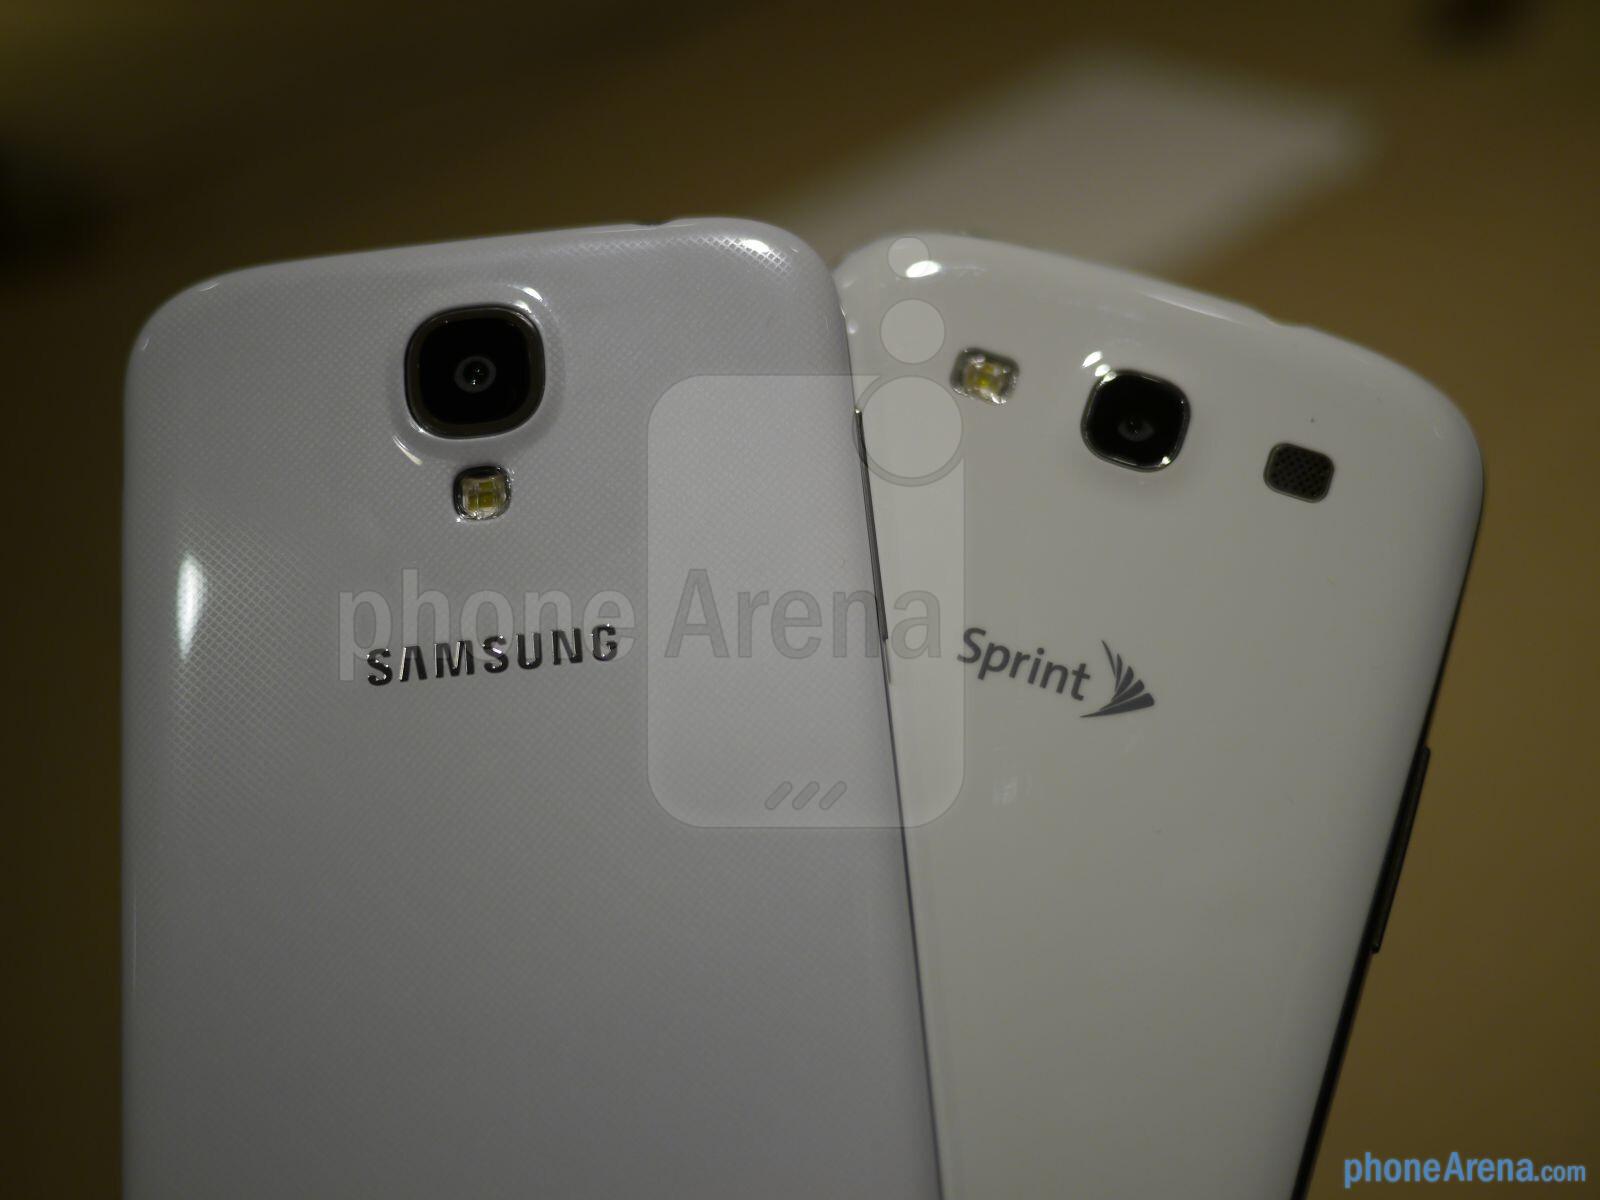 Description: Samsung Galaxy S4 có gì khác với Galaxy S3? 5